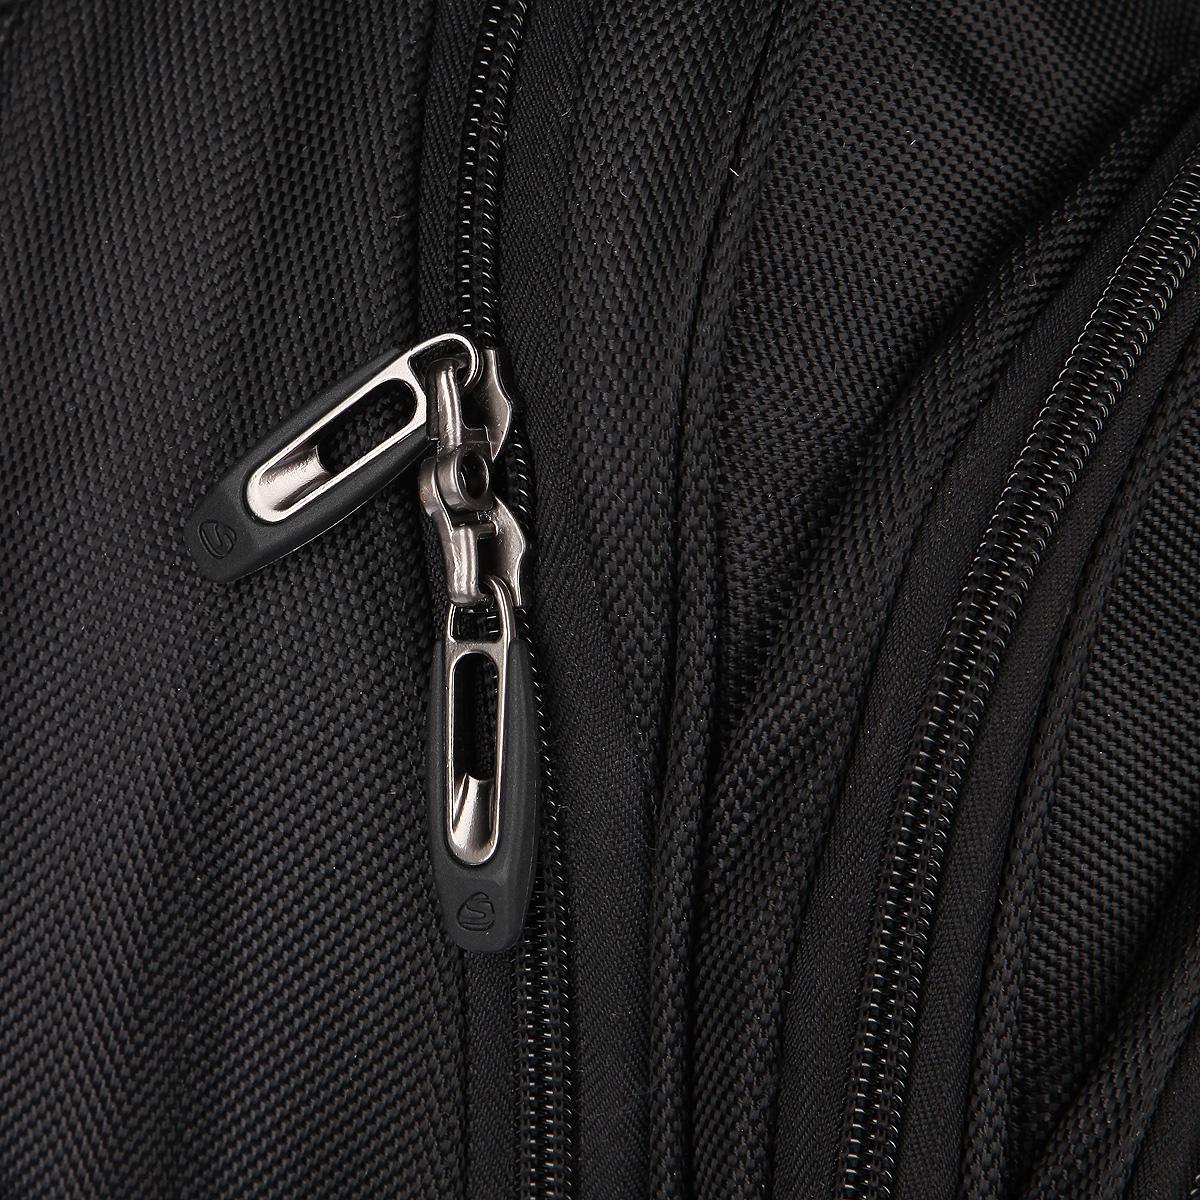 Рюкзак школьный Steiner, цвет: красный, черный. 09-039 kr